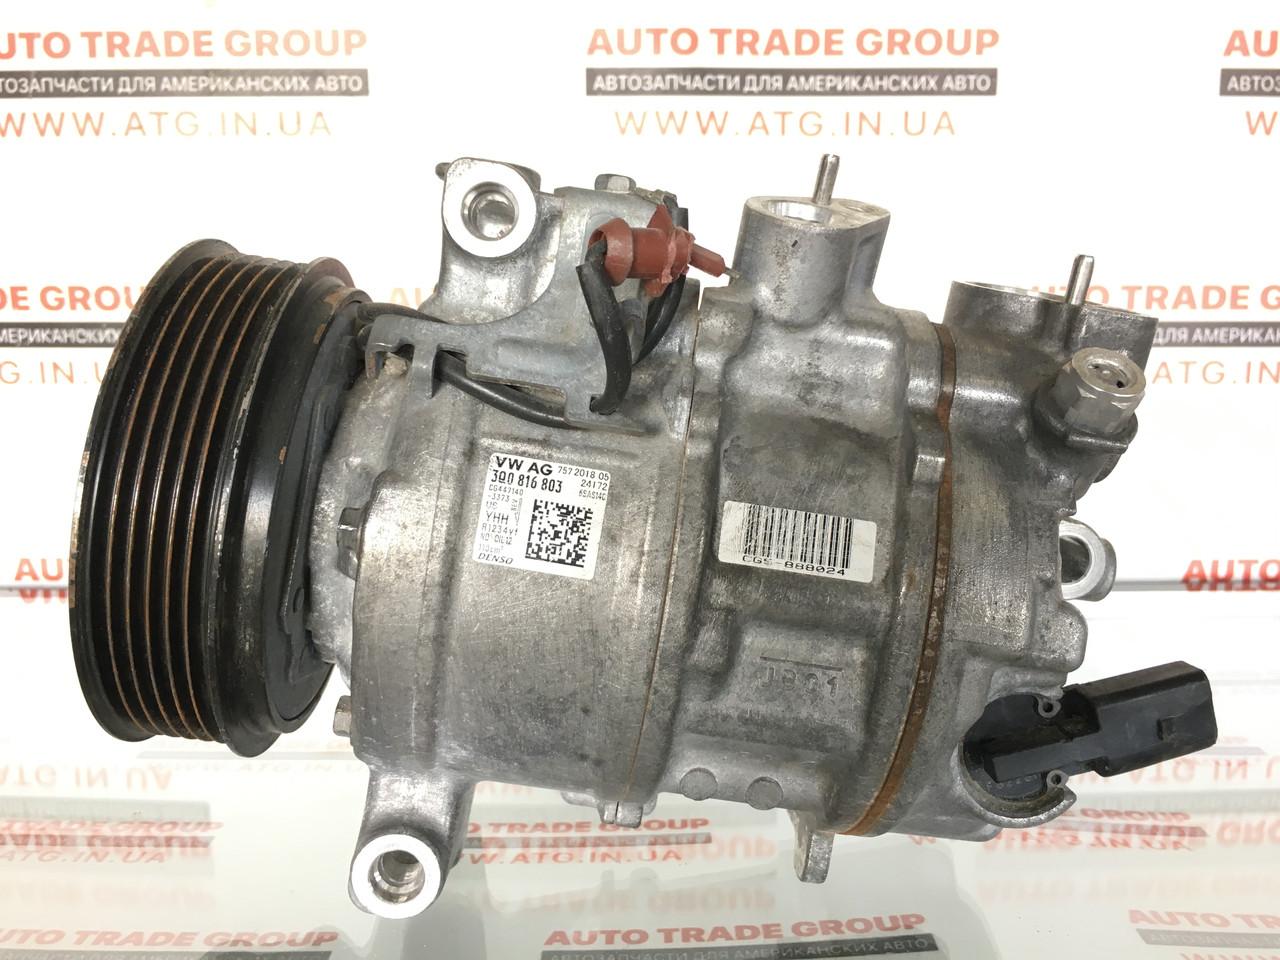 Компресор кондиціонера VW Jetta 1.4 Т 19